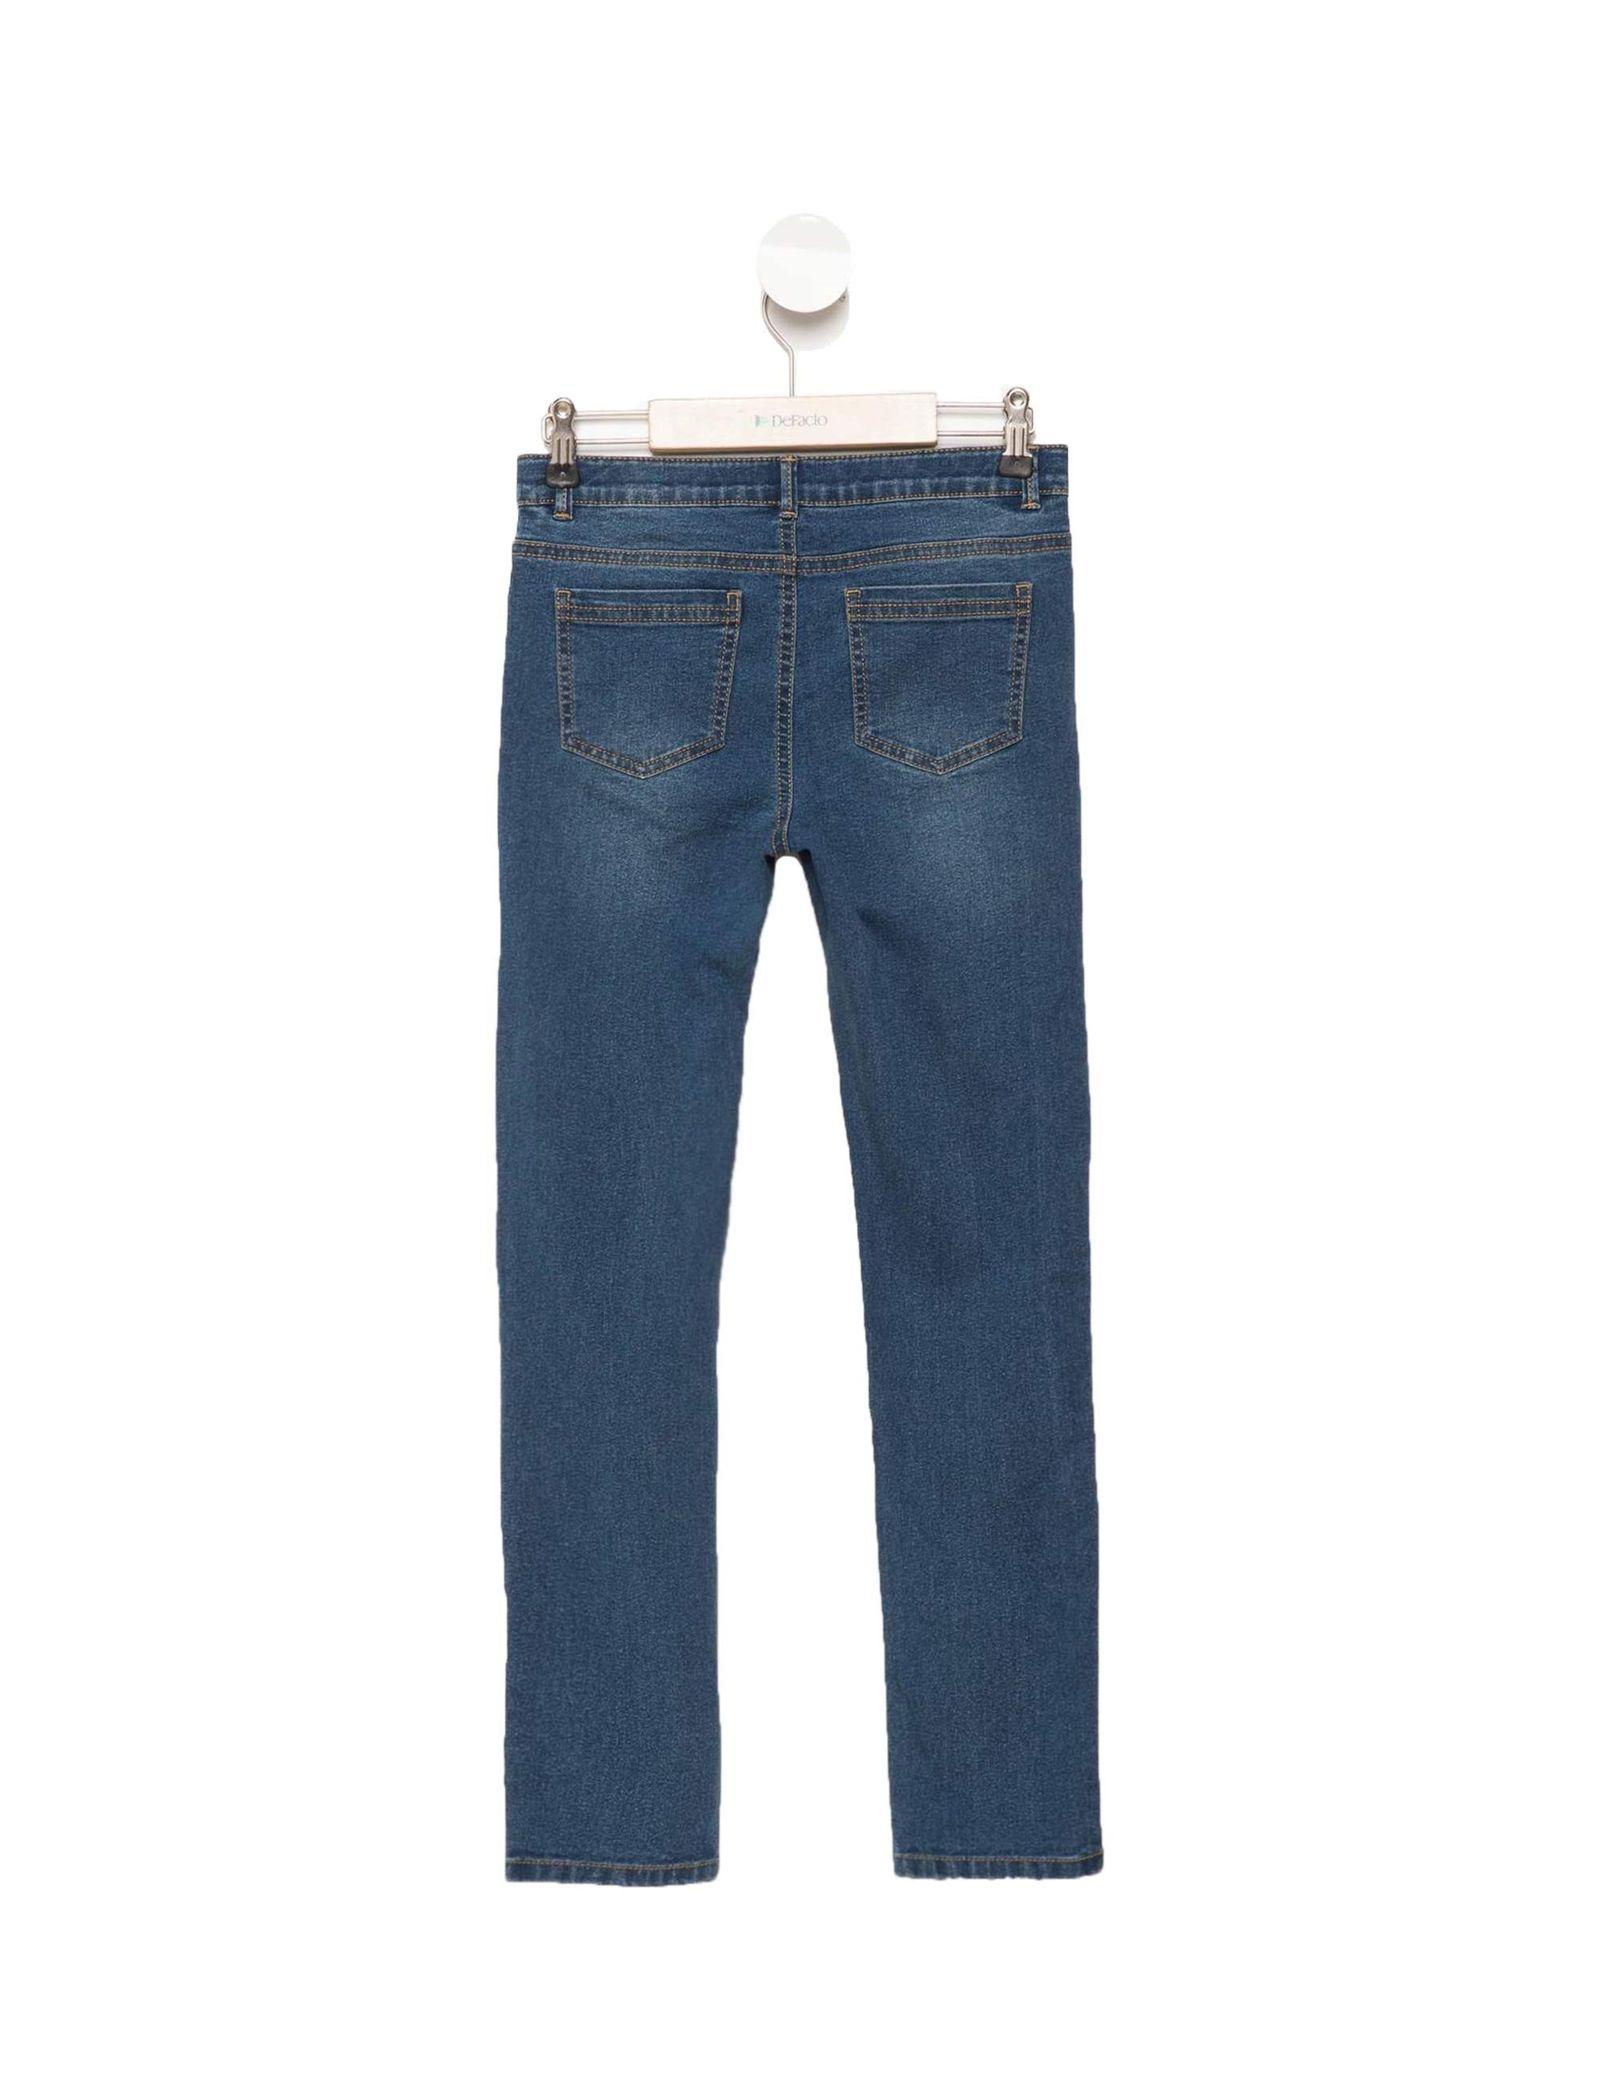 شلوار جین راسته دخترانه - دفکتو - آبي - 2